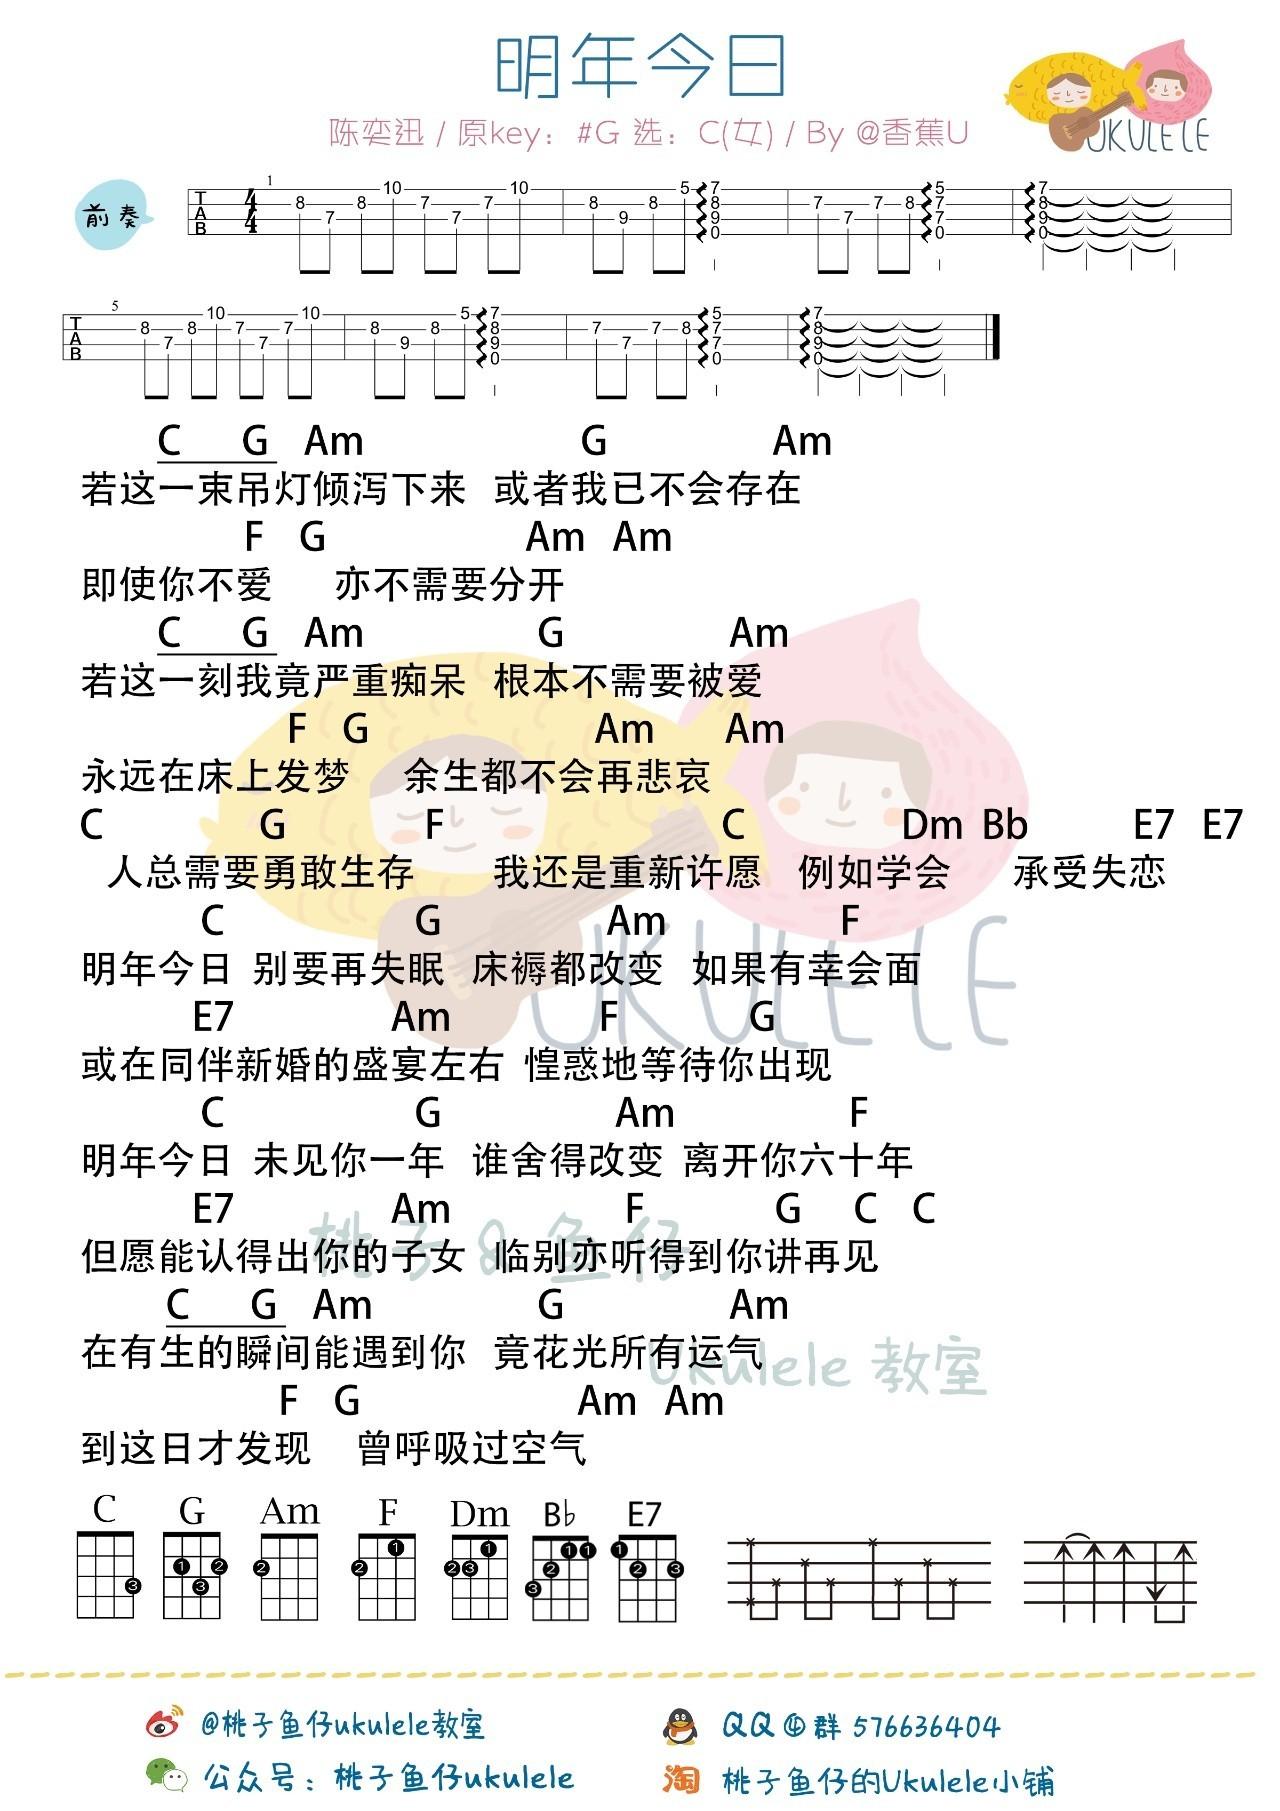 《明年今日》ukulele谱女生版